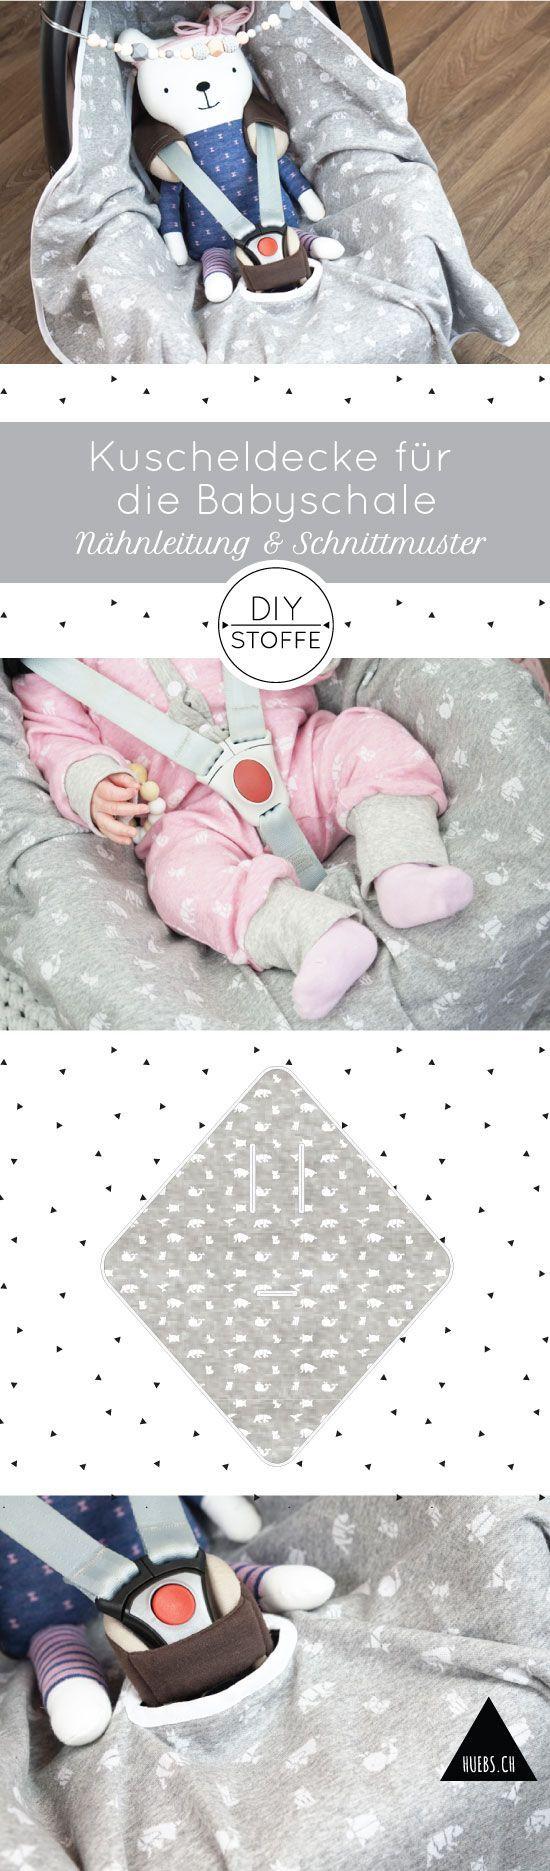 Kuscheldecke für die Babyschale – Anleitung & Schnittmuster